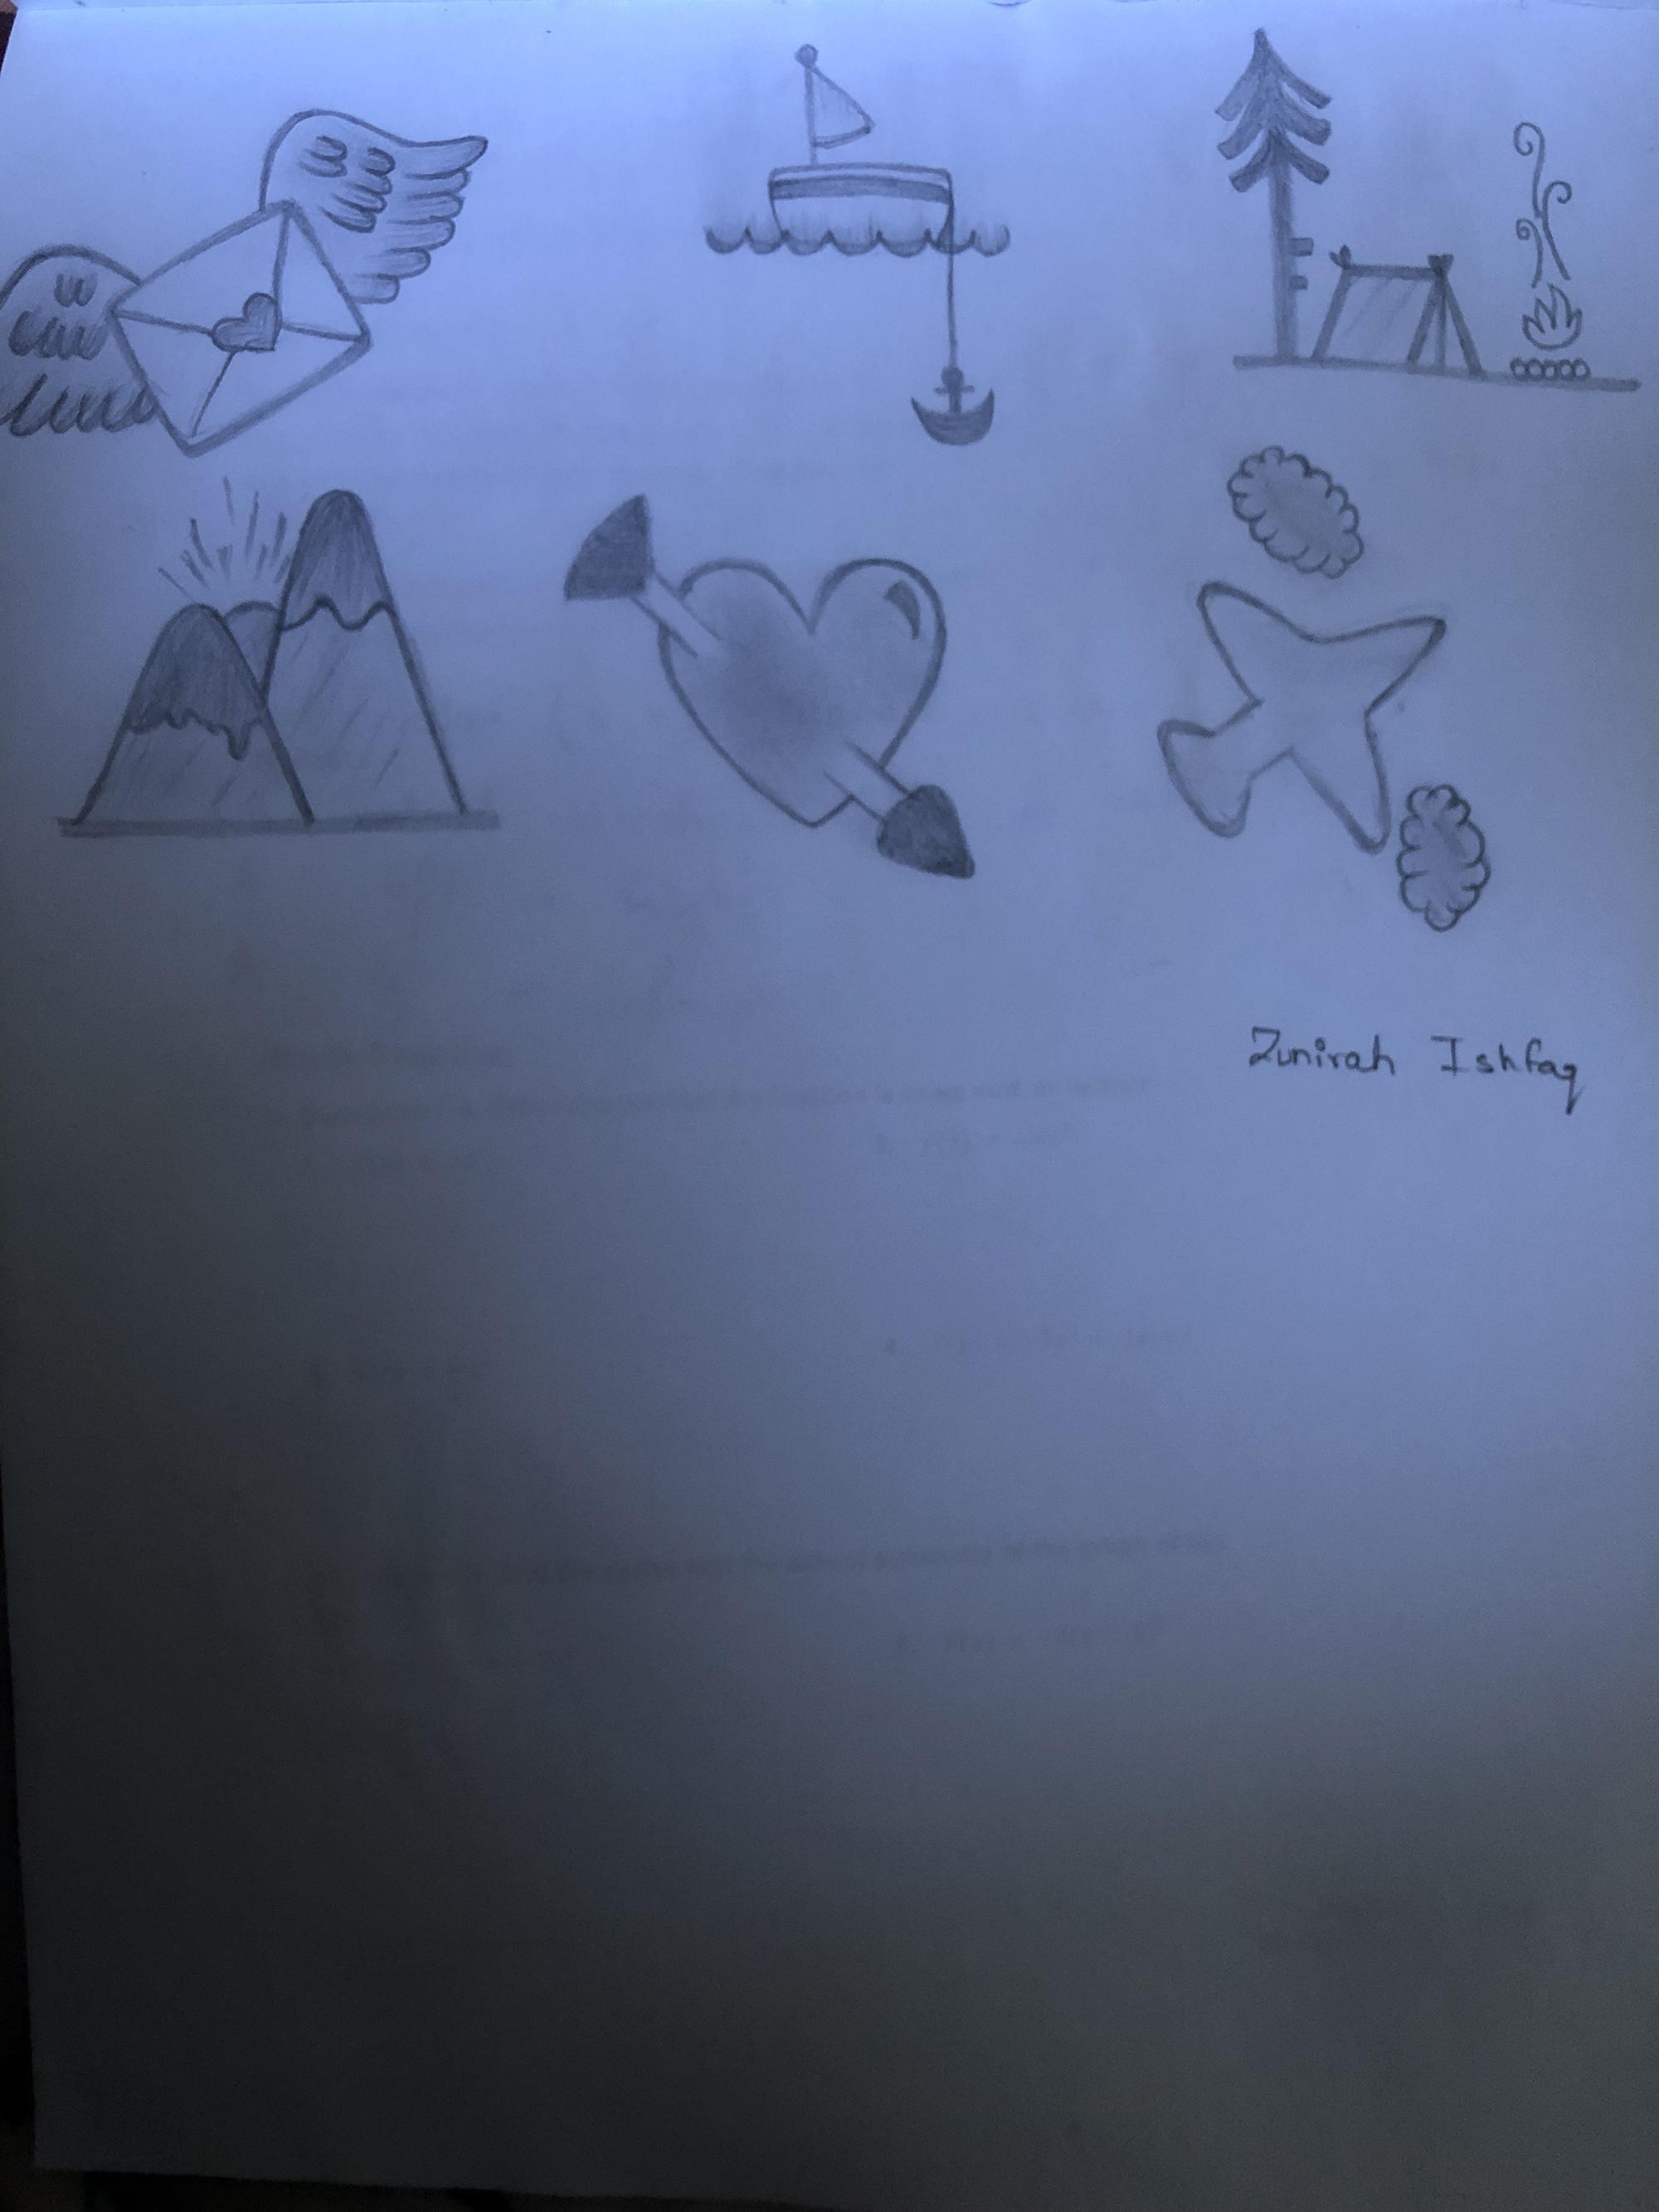 4th. Zunirah Ishfaq, Drawing #10